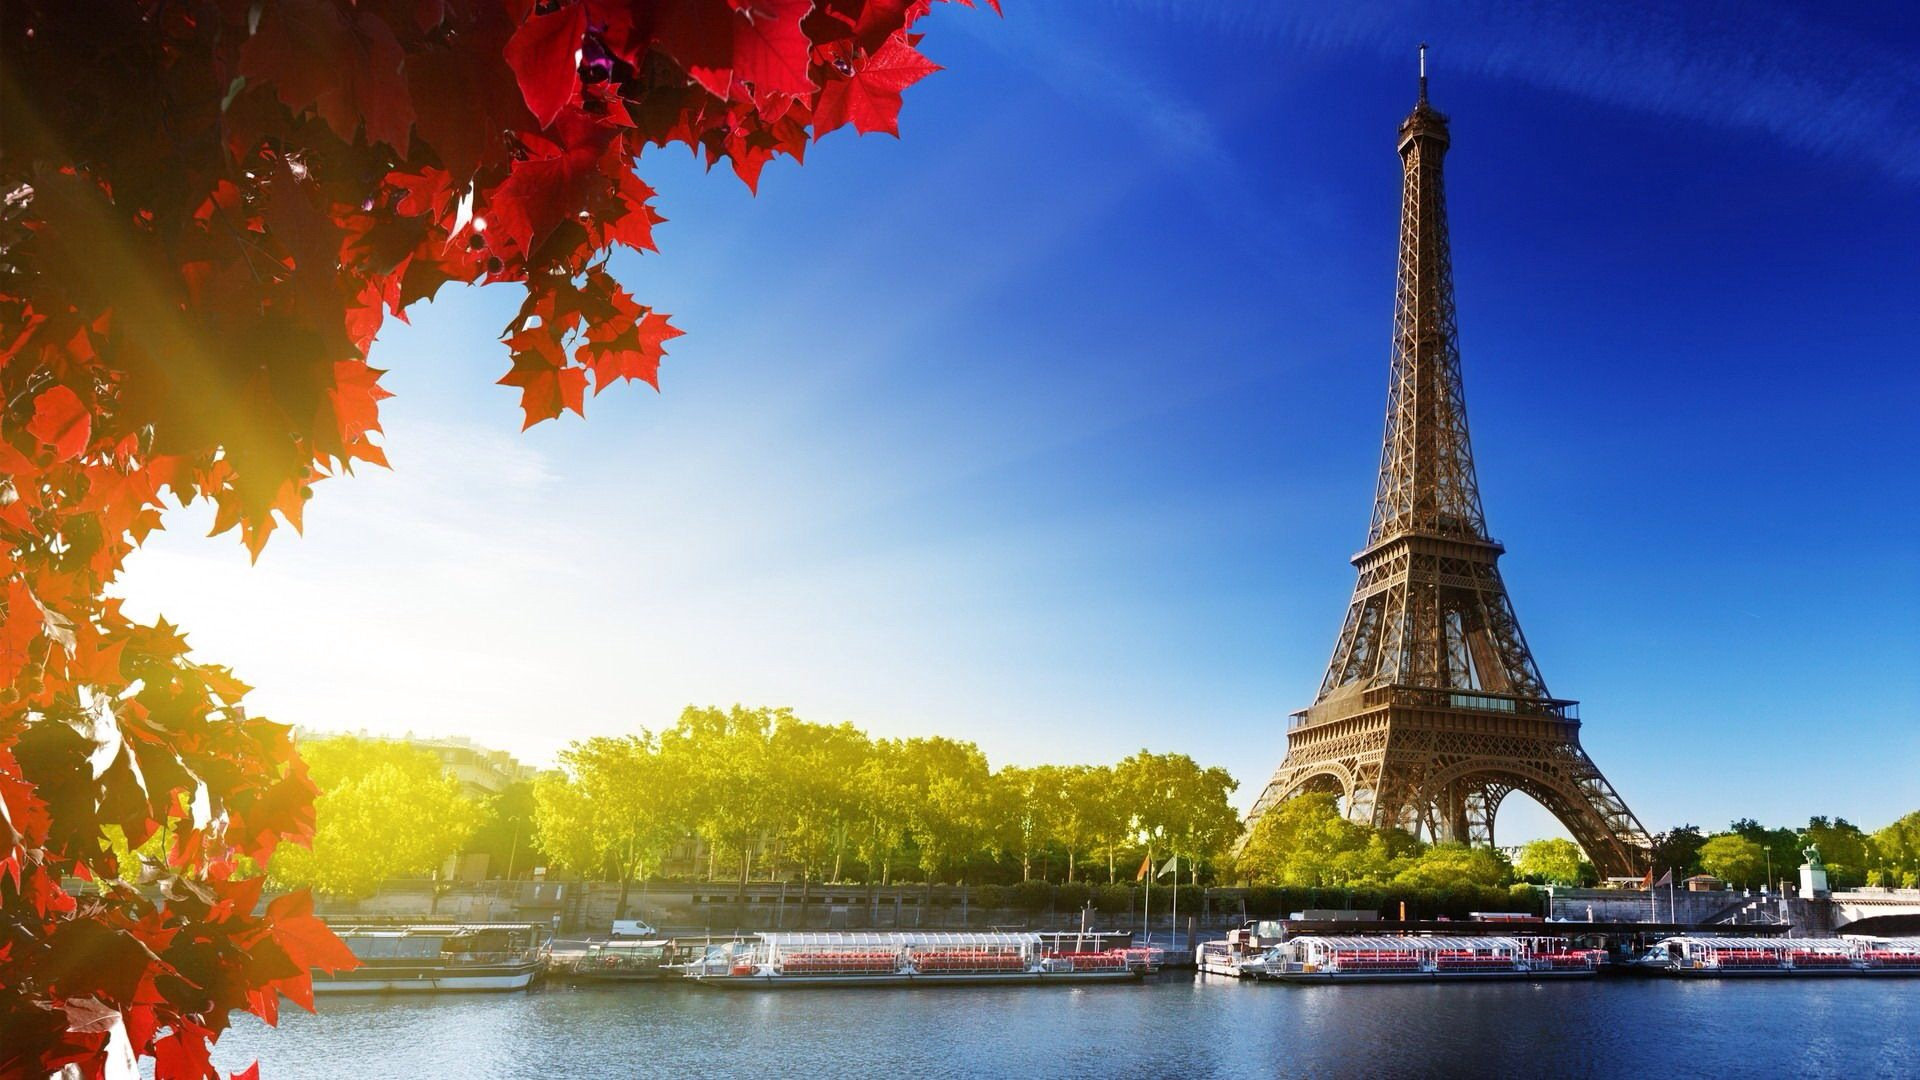 El París limpio de contaminación